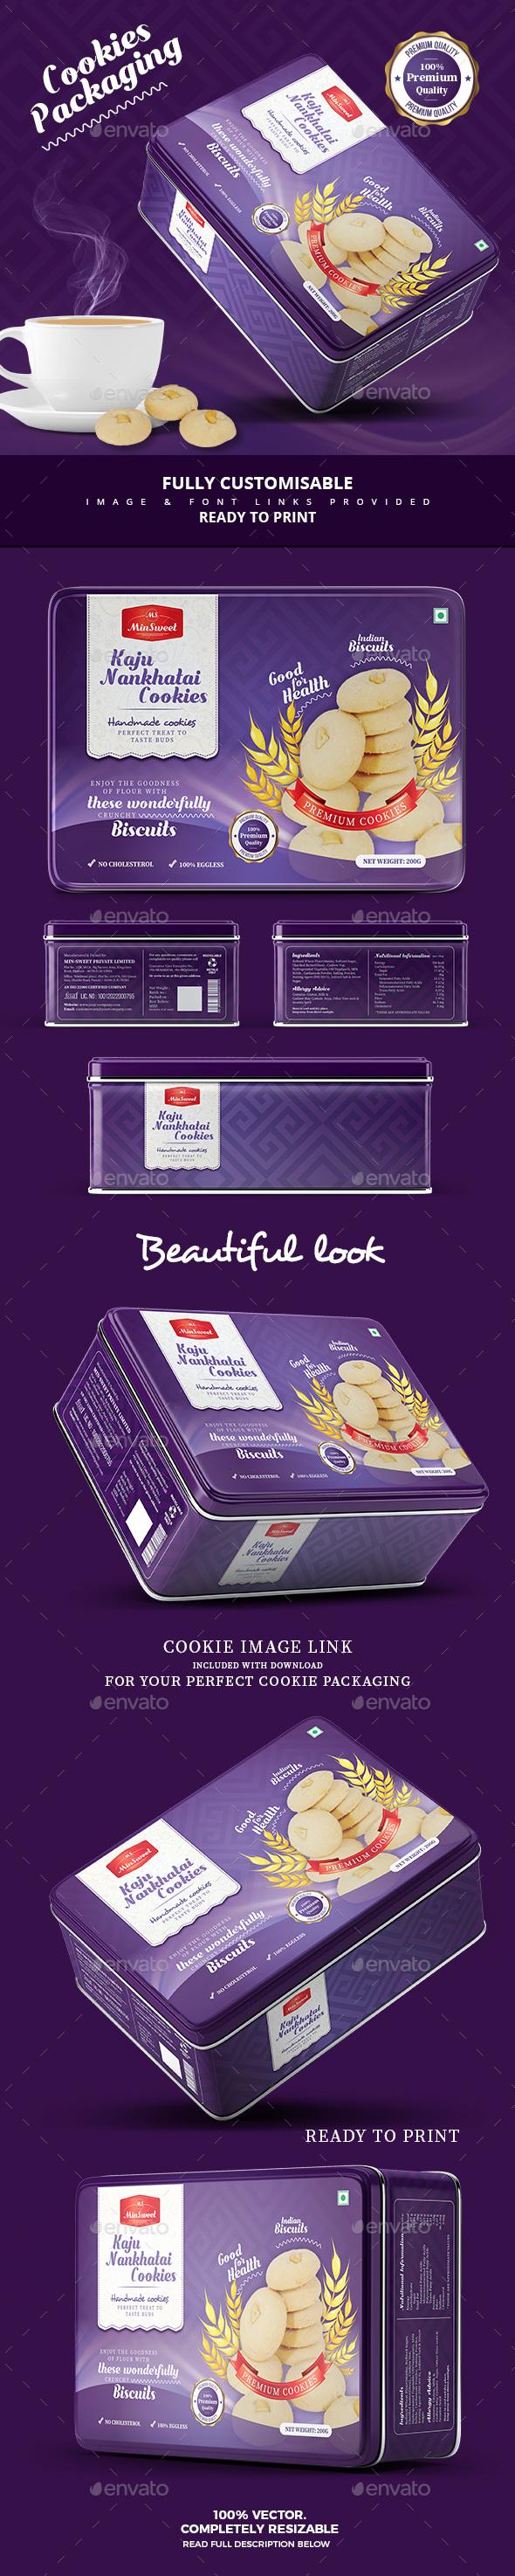 Premium Cookies Packaging - Packaging Print Templates